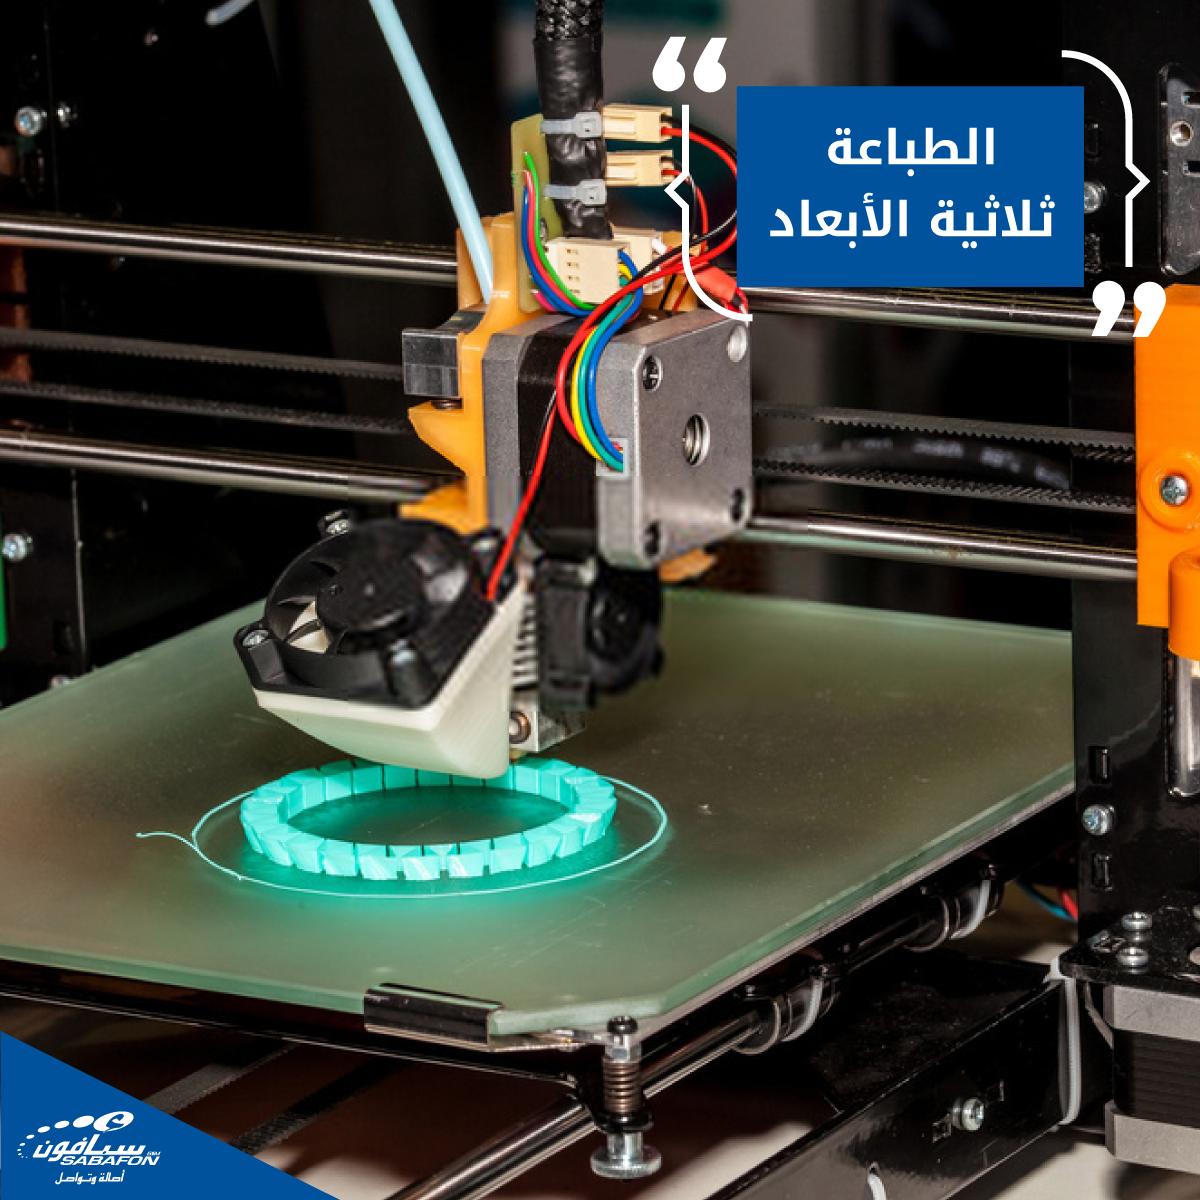 الطباعة ثلاثية الأبعاد هي إحدى طرق التصنيع الحديثة التصنيع بالإضافة حيث يمكن تصنيع منتج ثلاثي اﻷبعاد مجسم وملموس من خلال تصميمه Prints Home Appliances Vacuum